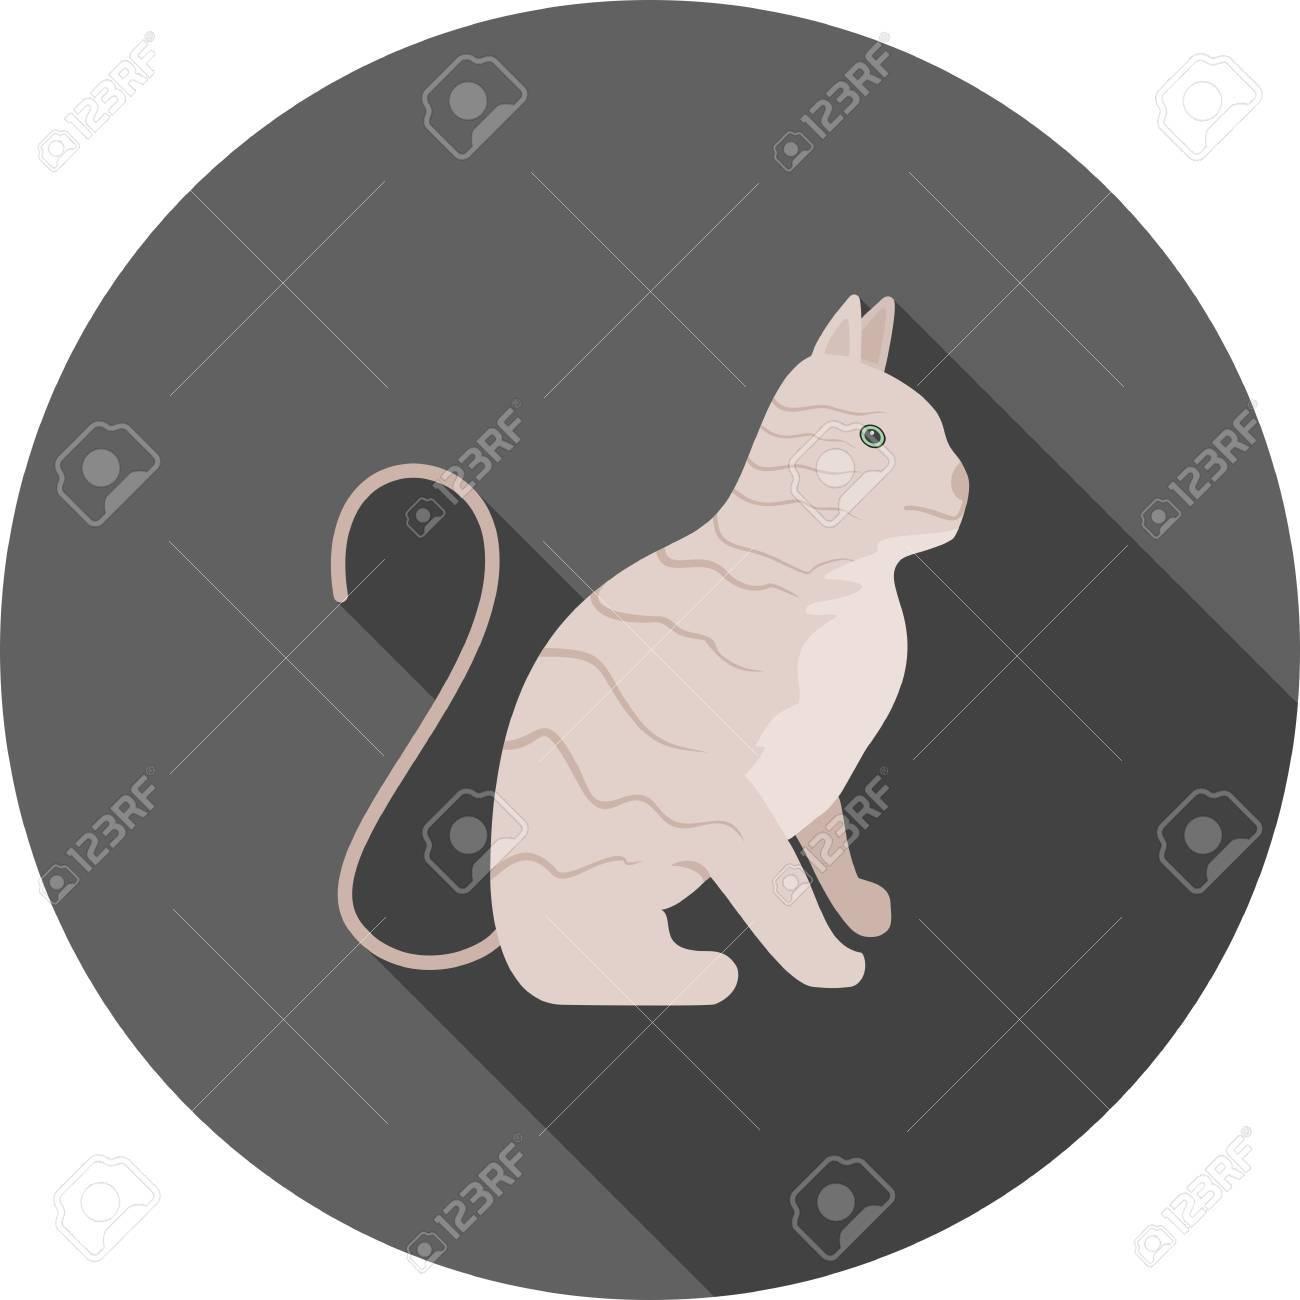 la figa nera gatto cartone animato sesso in auto